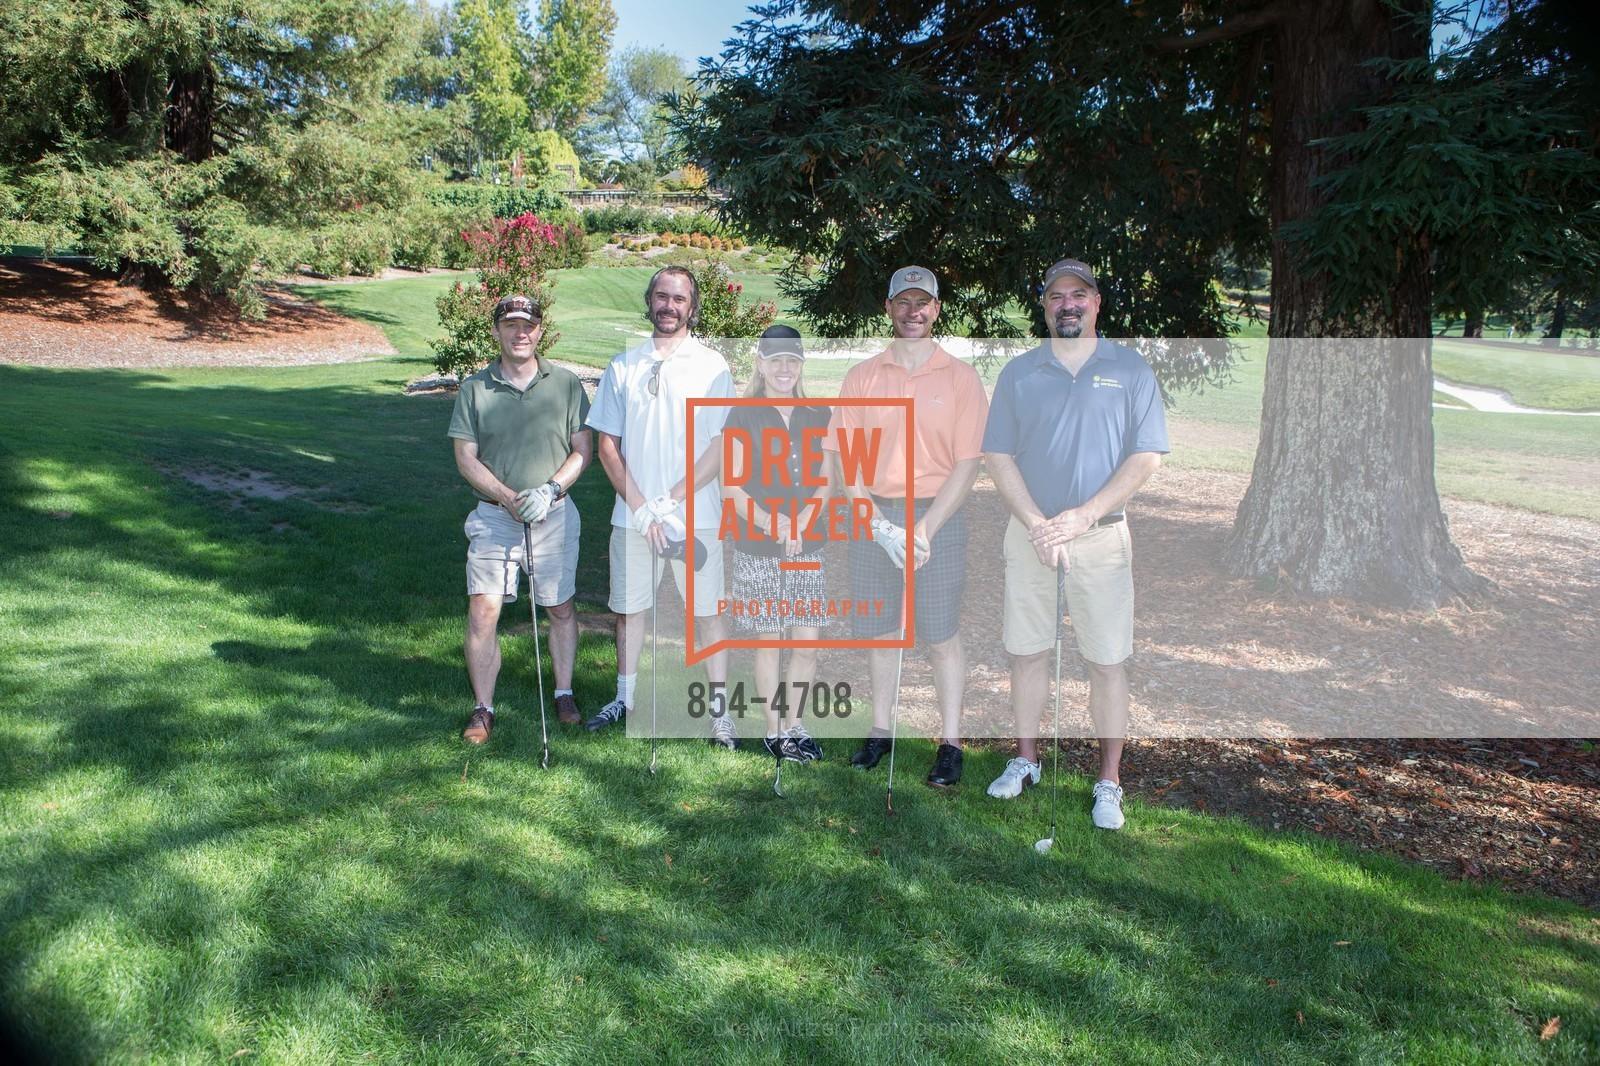 Brad Ekstrand, Richard Harrison, Tina Michelson, Jim Keenan, Rob Moyer, Photo #854-4708